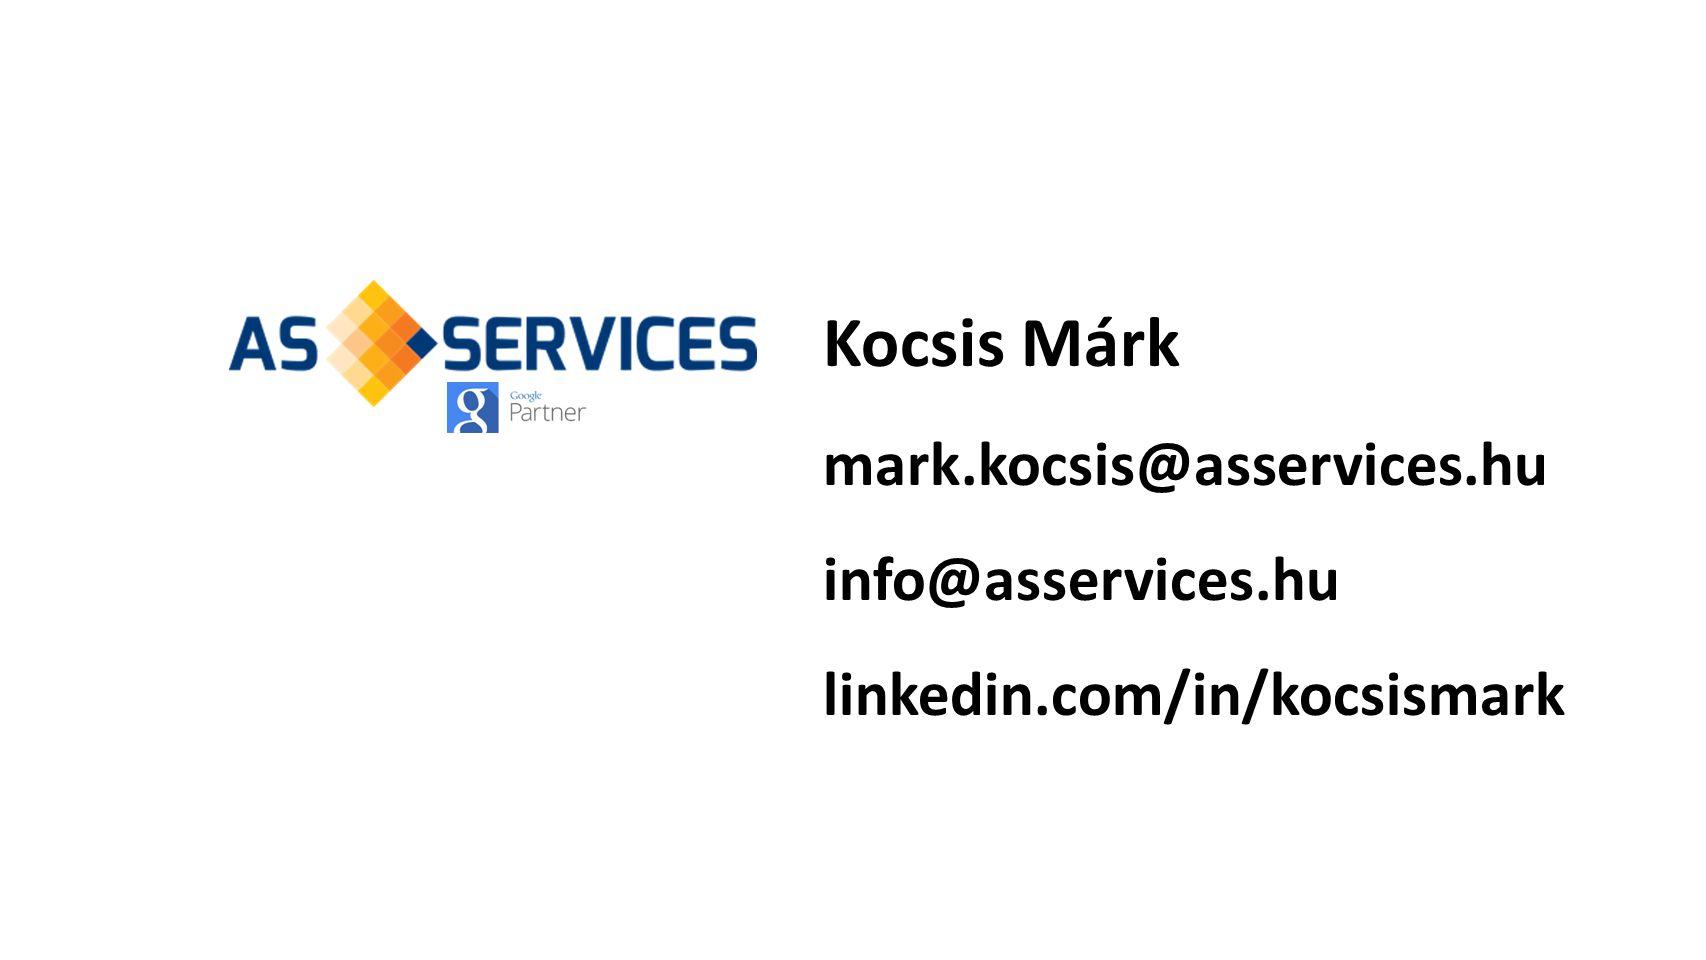 Kocsis Márk mark.kocsis@asservices.hu info@asservices.hu